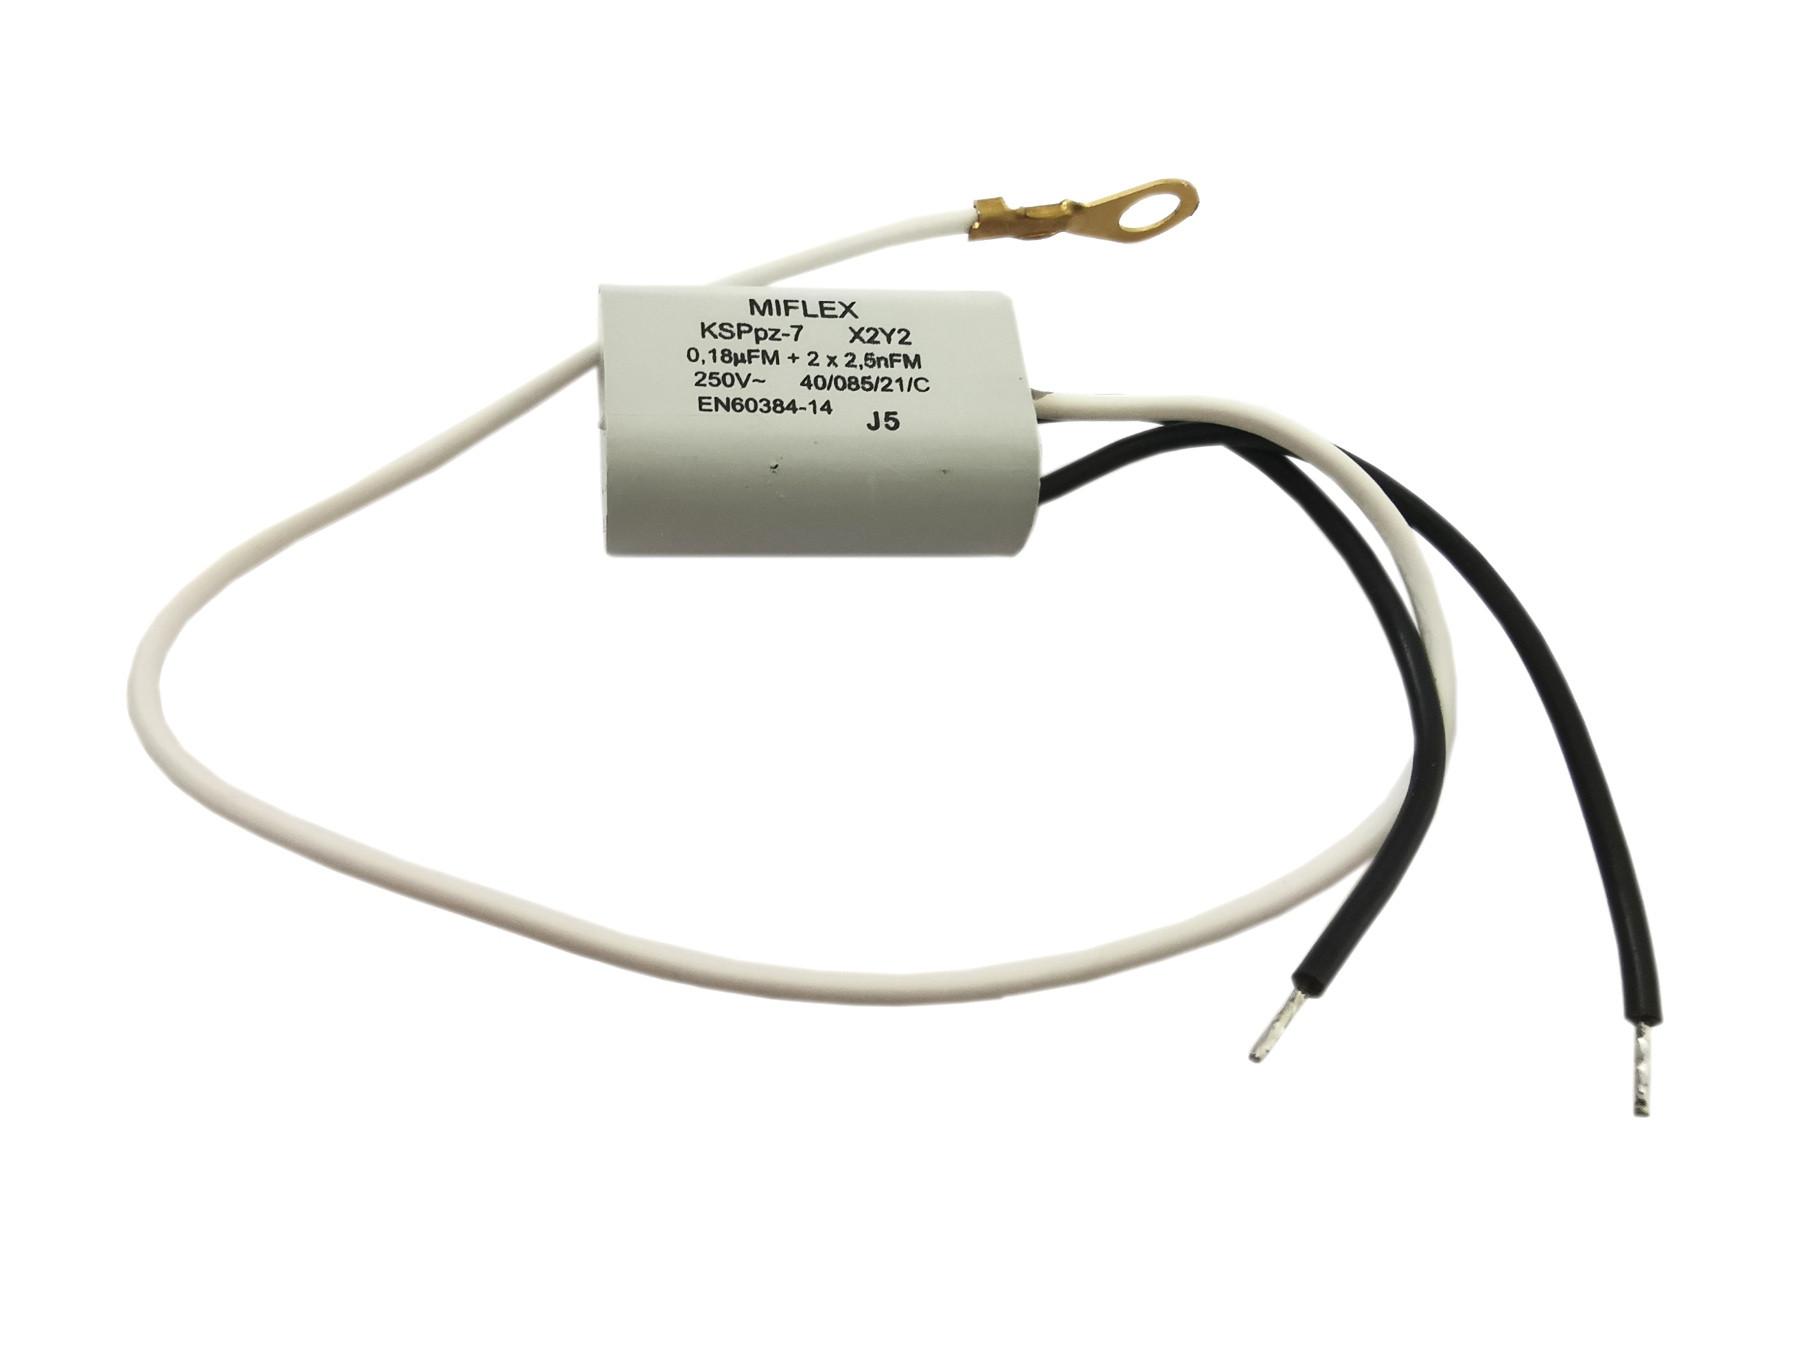 Kondensator przeciwzakłóceniowy 0.18uF + 2*2.5nF 250V KSPPZ-7